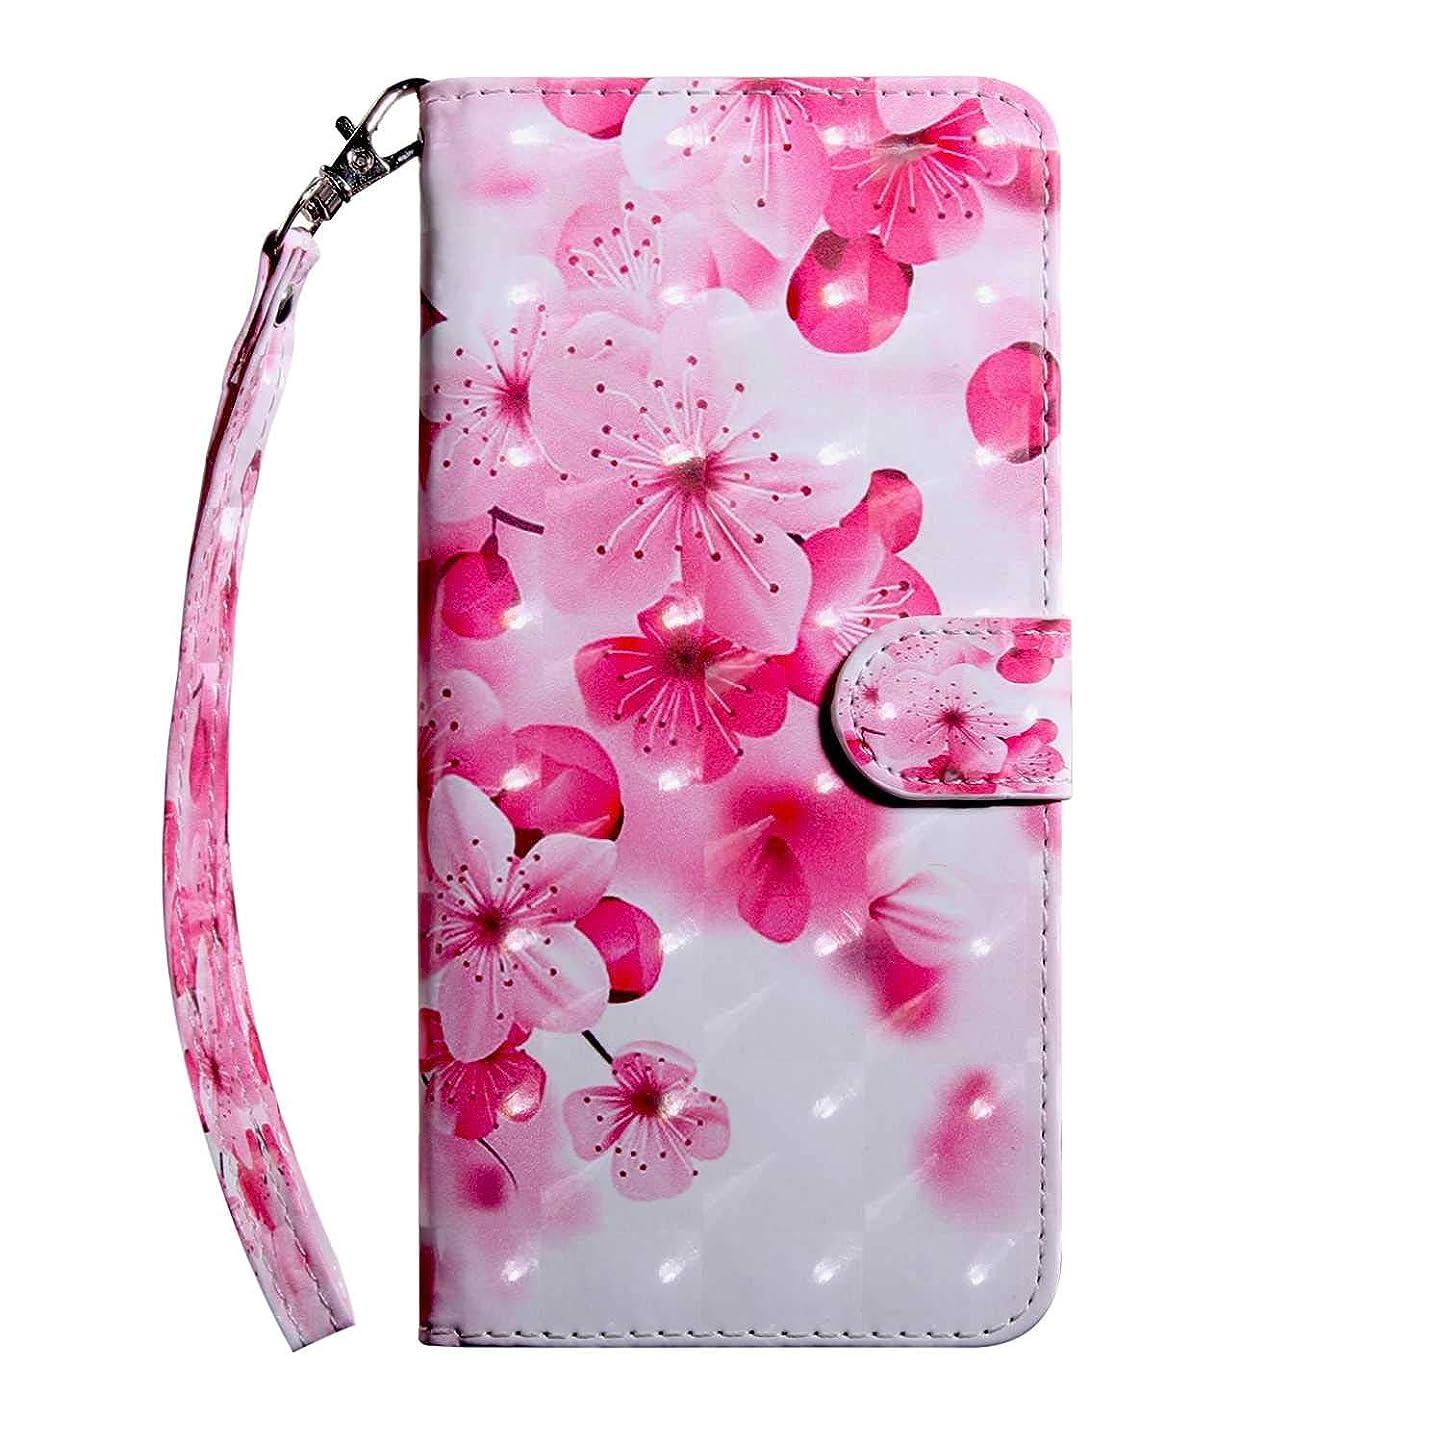 去る思いやりのある接続詞CUSKING Sony Xperia XA2 ケース 手帳型 財布型カバー Sony Xperia XA2 スマホカバー 磁気バックル カード収納 スタンド機能 エクスペリア レザーケース –さくら